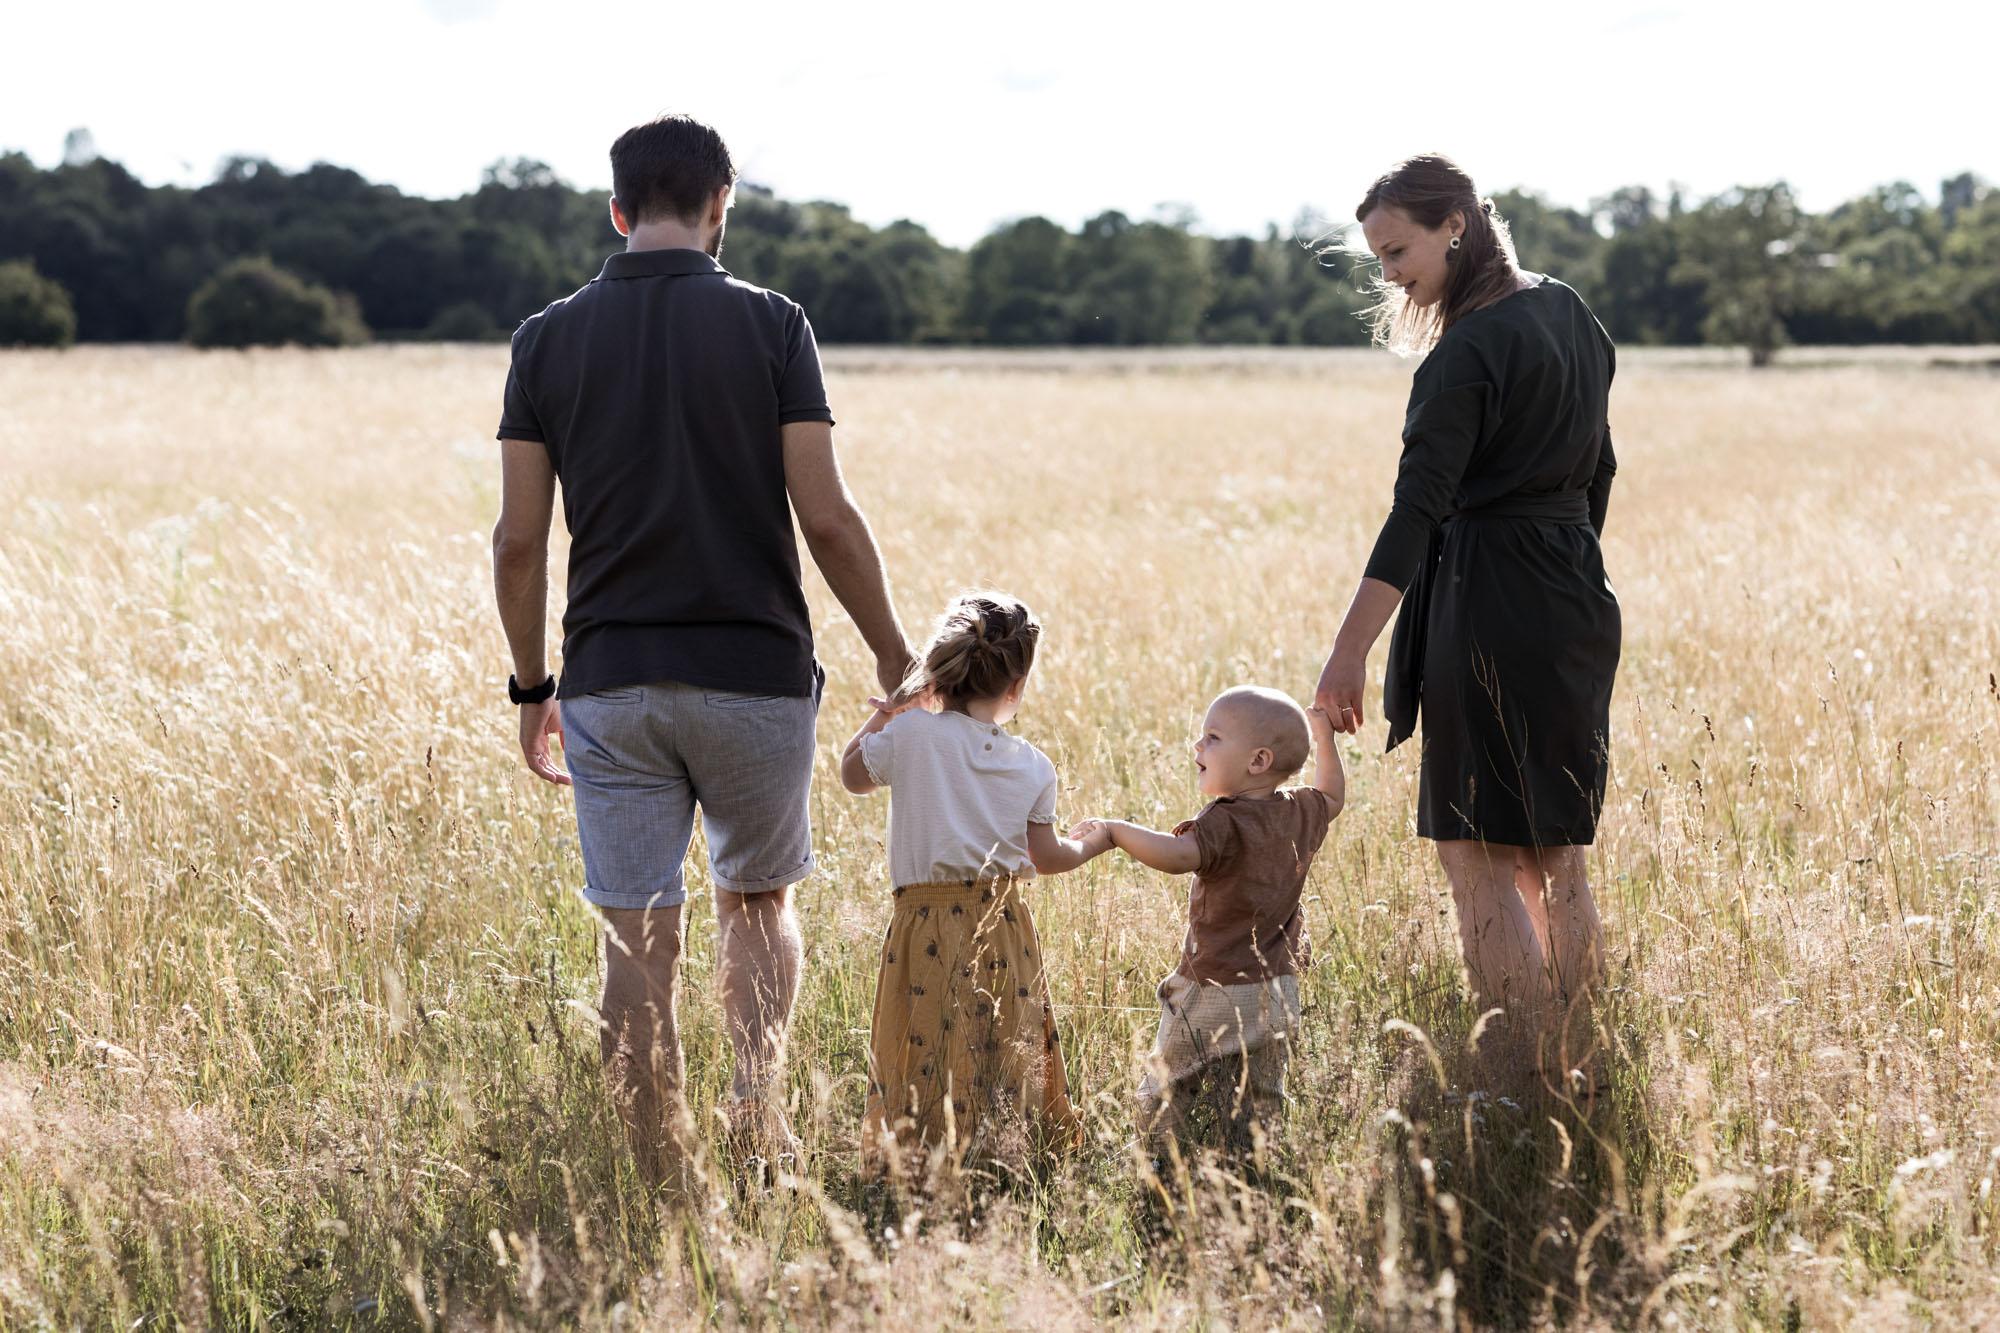 Familienreportage in der Natur - Die Familie spaziert über die Wiese